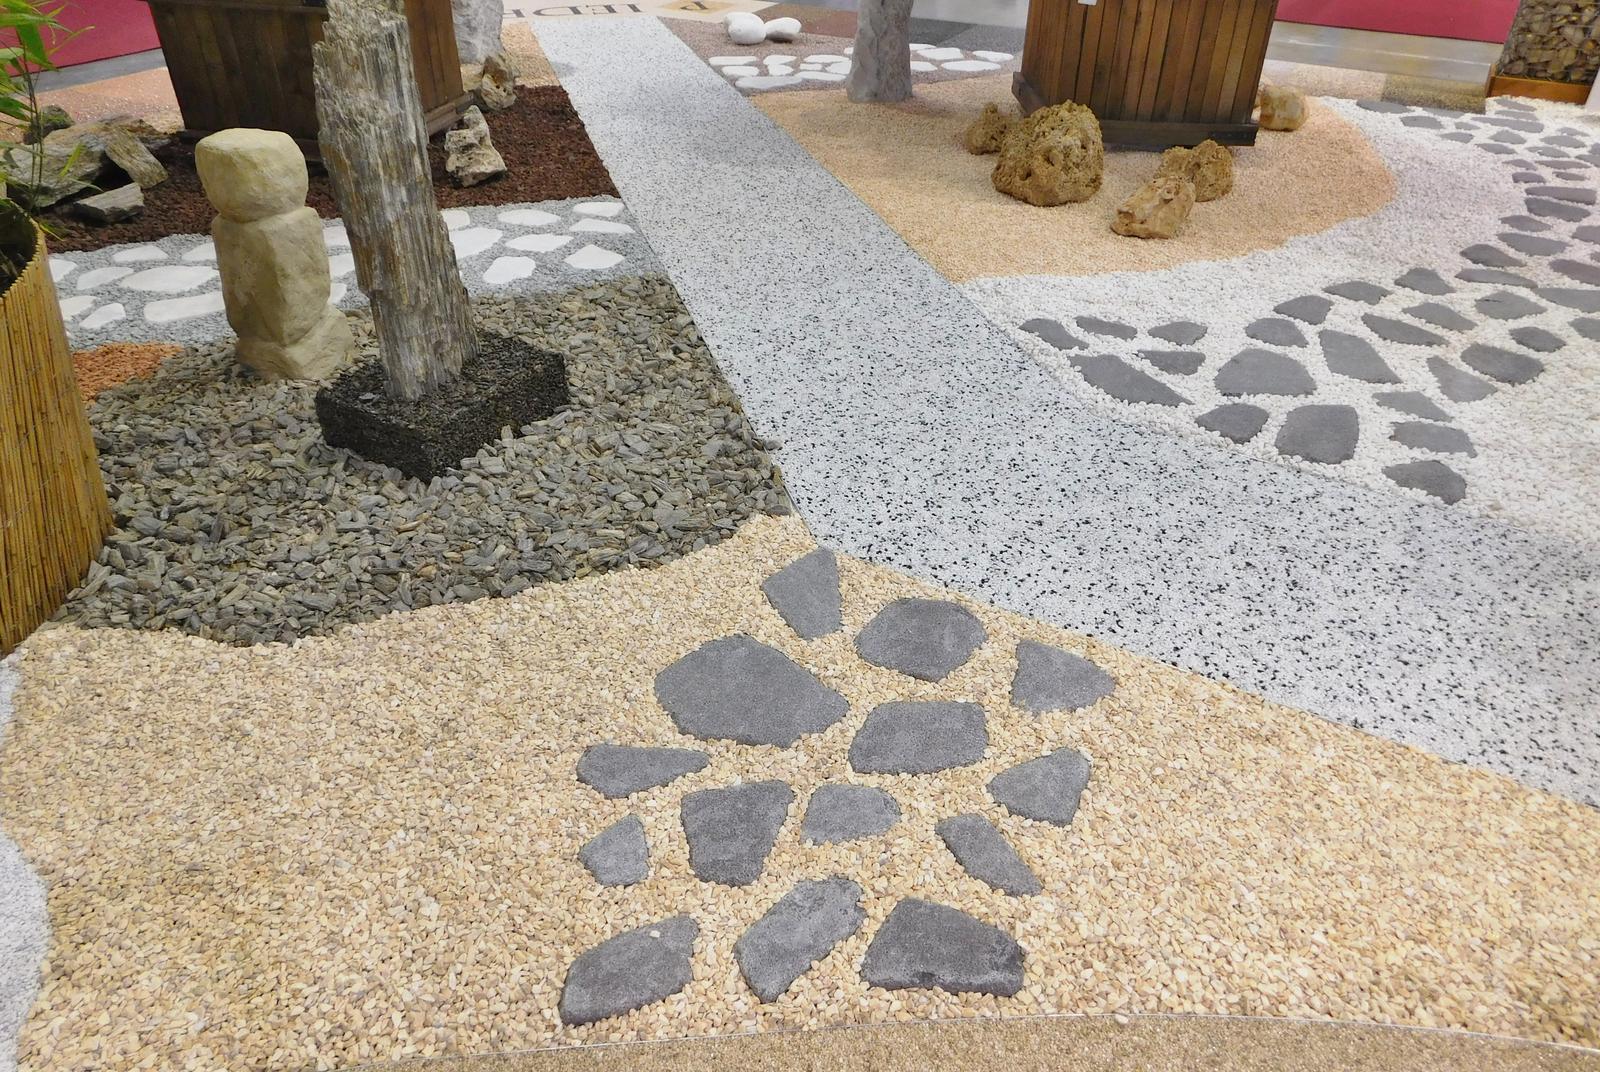 spolchemie - Kamínkový koberec - společnost Piedra pracuje s materiály Spolchemie a nabízí nekonečné množství designů dle vašeho přání